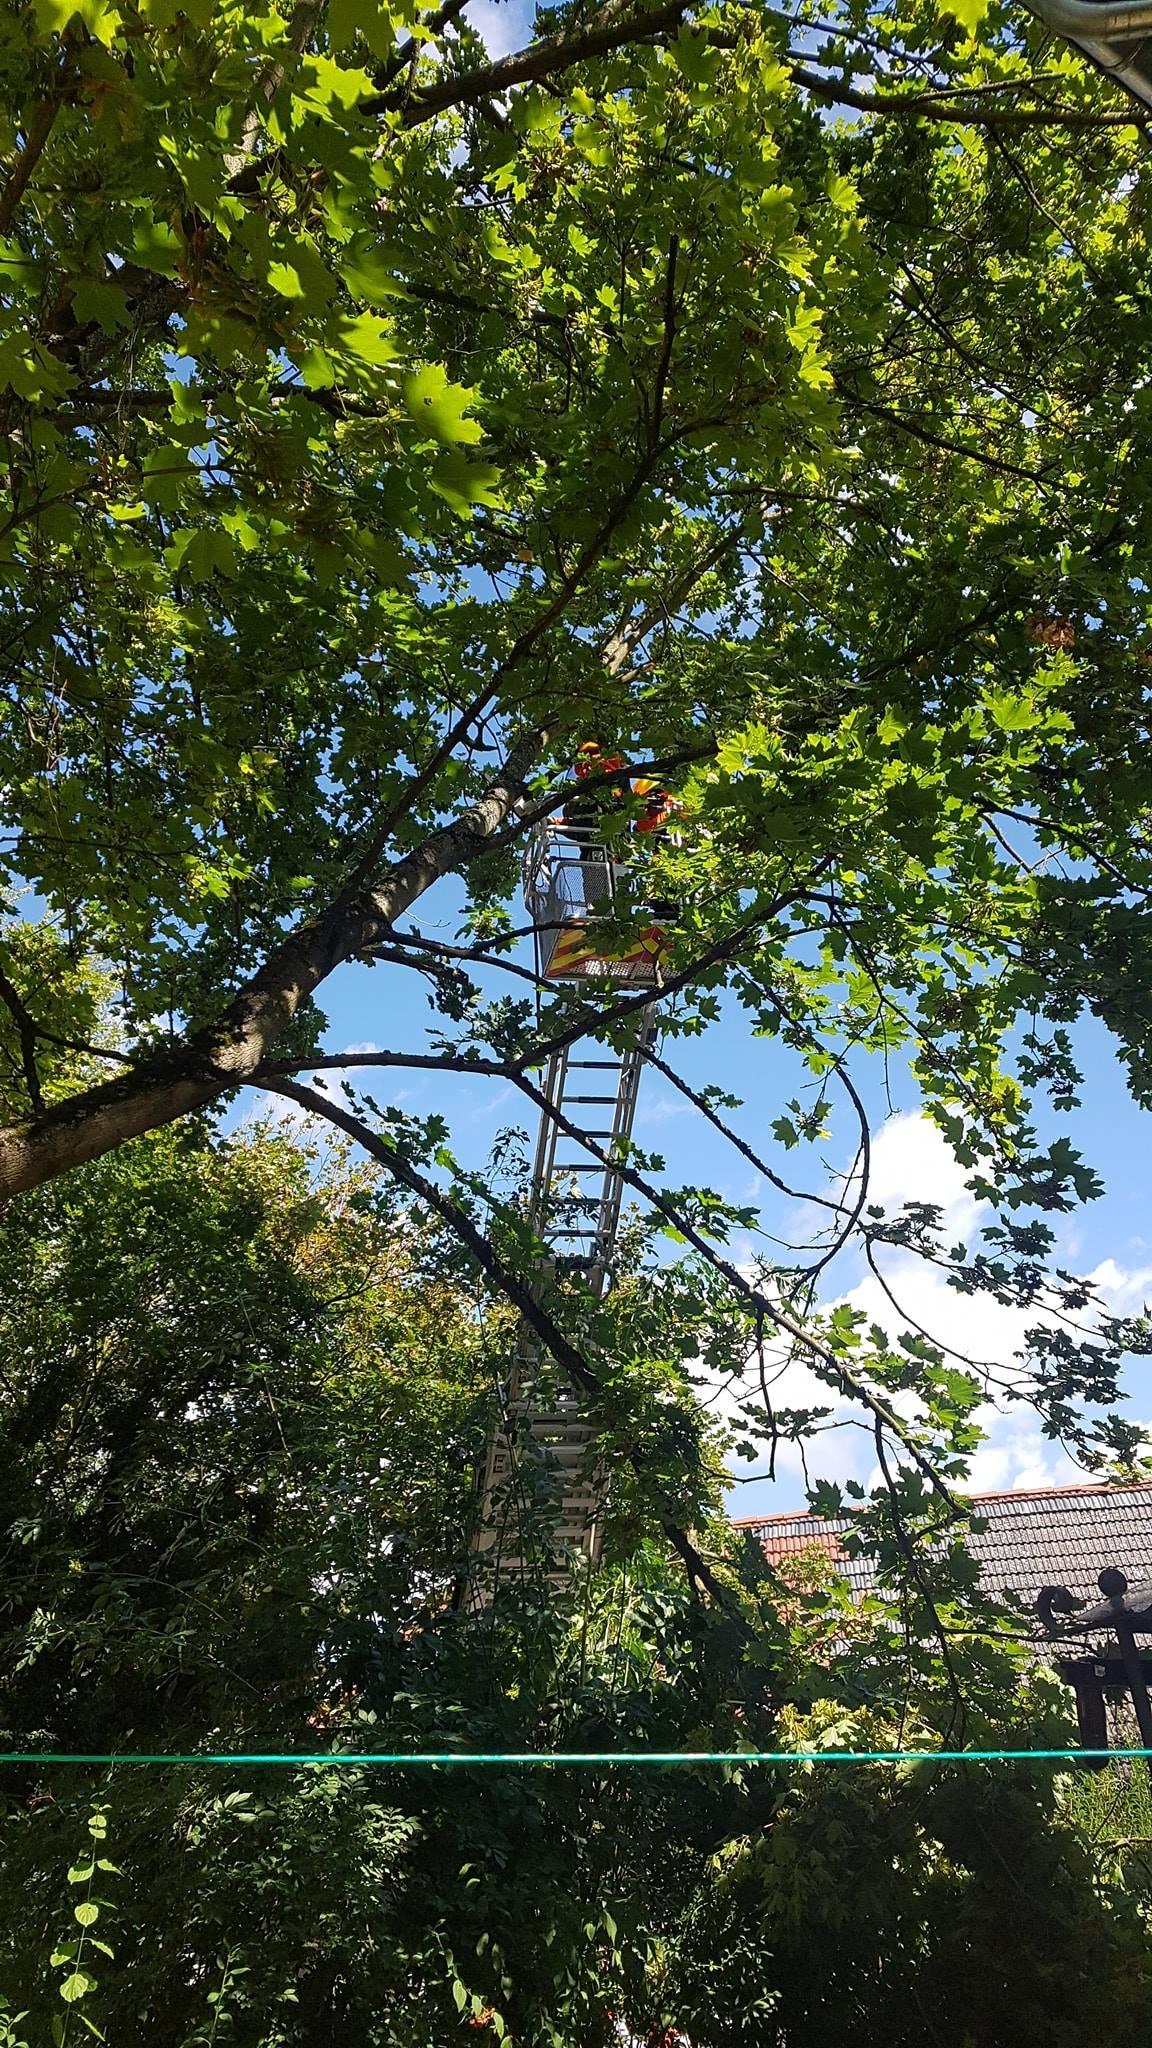 H1 Baum droht umzustürzen 18 2018-08-11